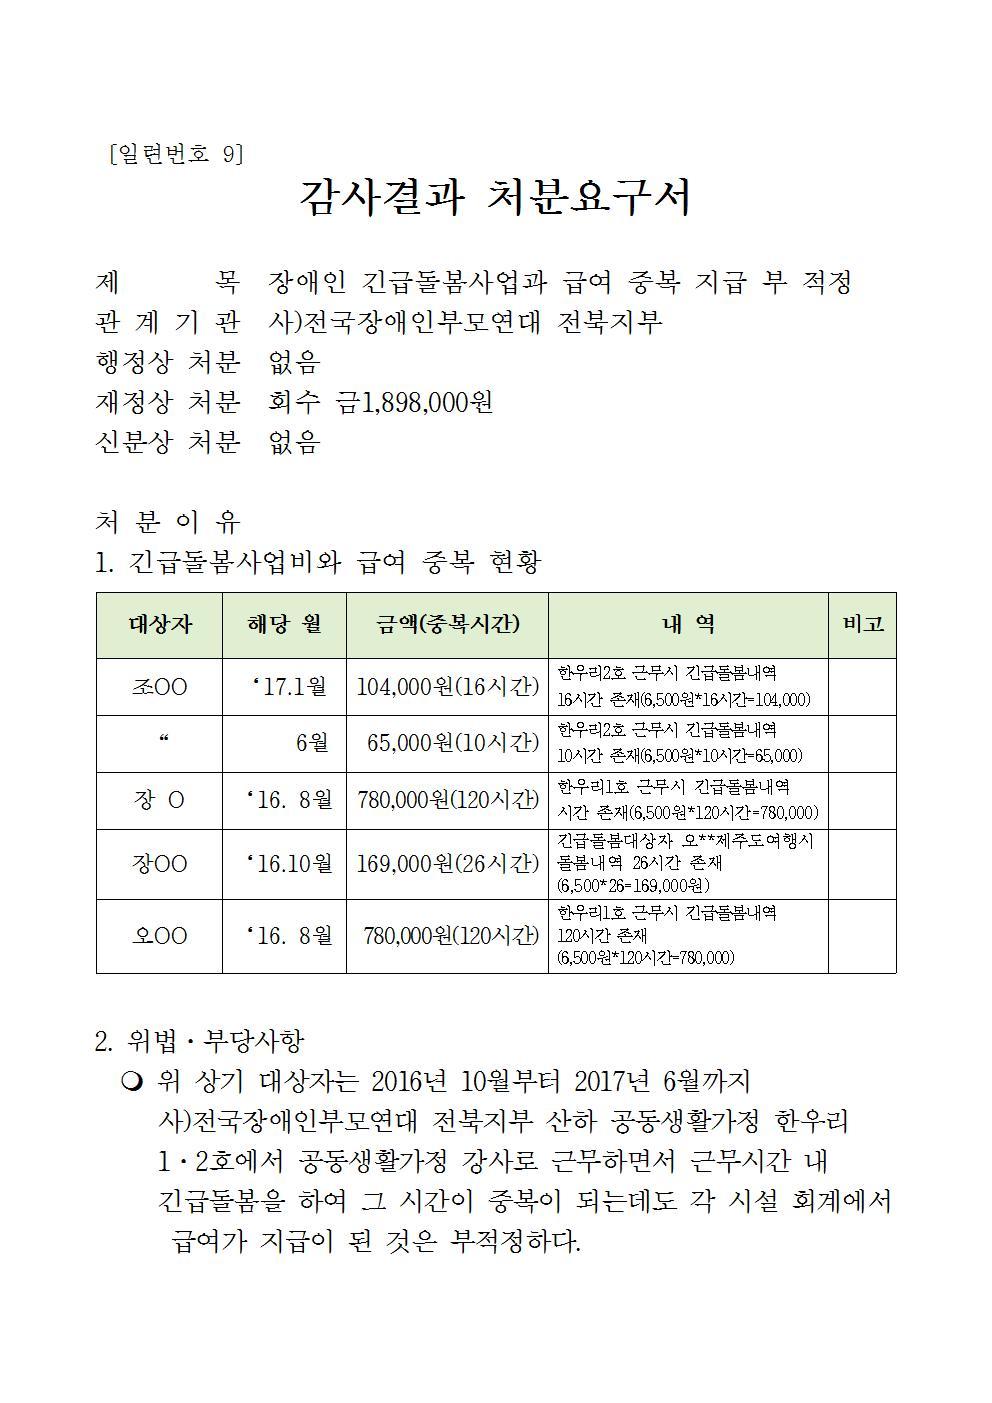 붙임) 처분요구서_전주시 생활복지과-37898(2017.9.1)호(공개용)017.jpg